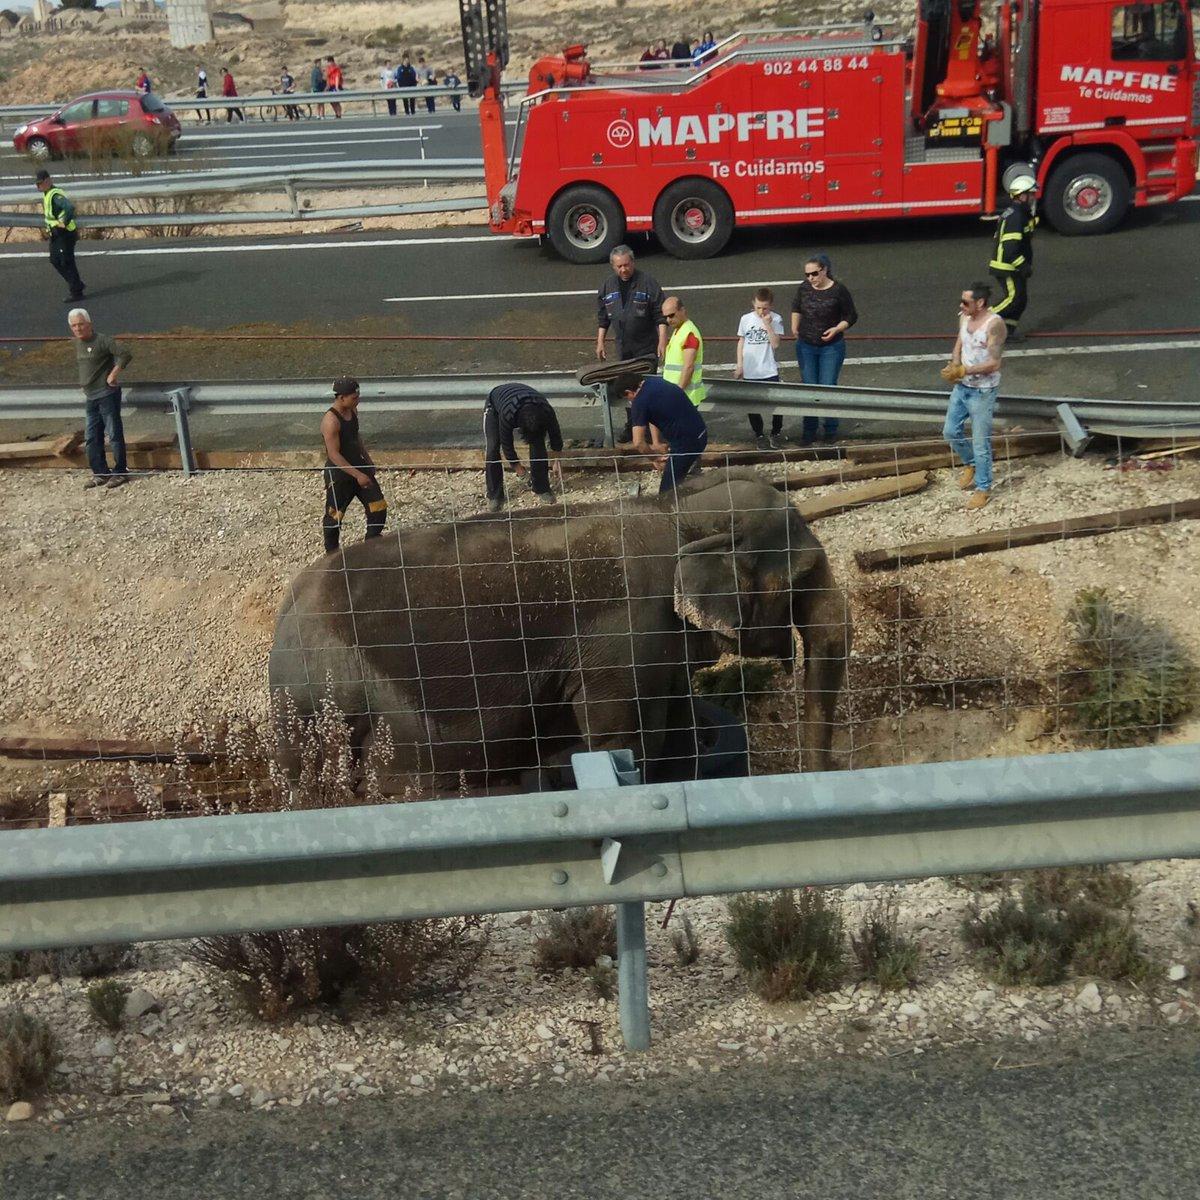 Organizaciones de defensa de los animales insisten en que deben aprobarse leyes que prohíban el uso de animales en los circos. Foto: Twitter.